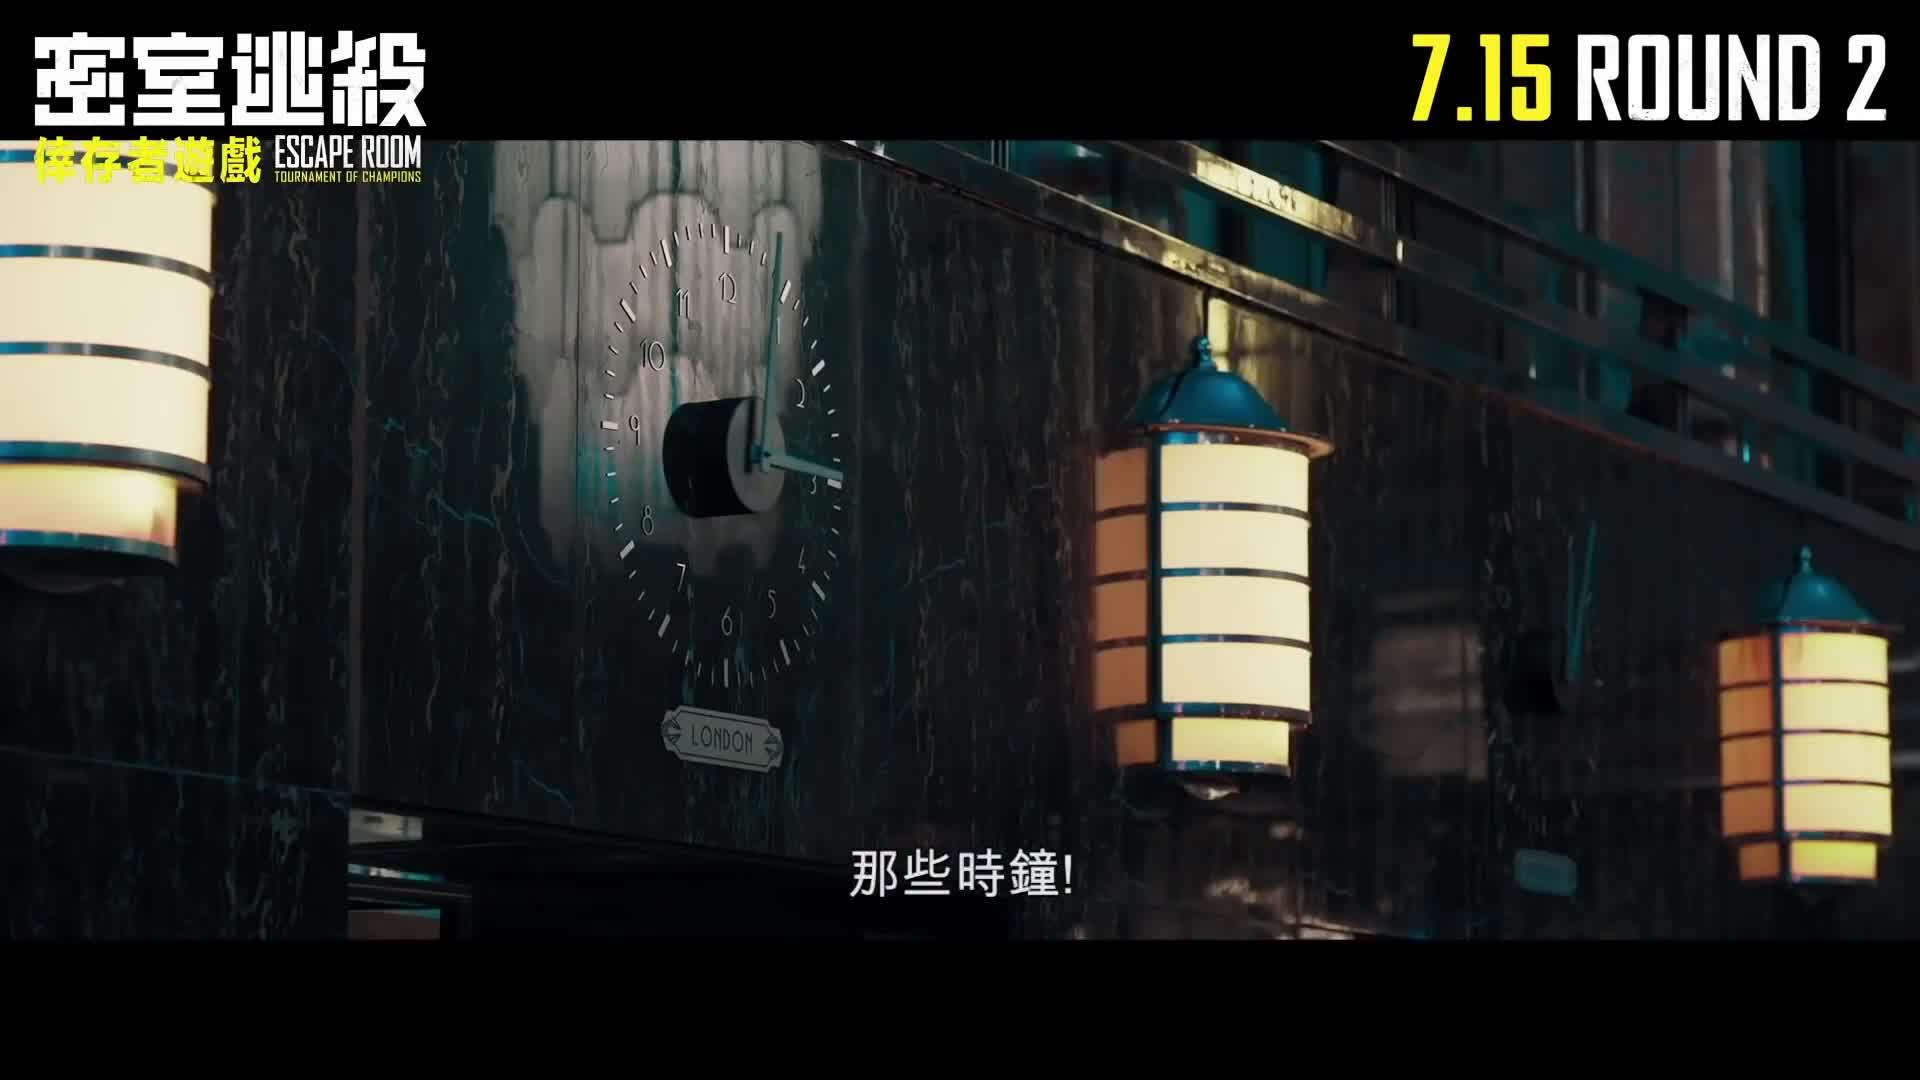 《密室逃殺: 倖存者遊戲》電影預告